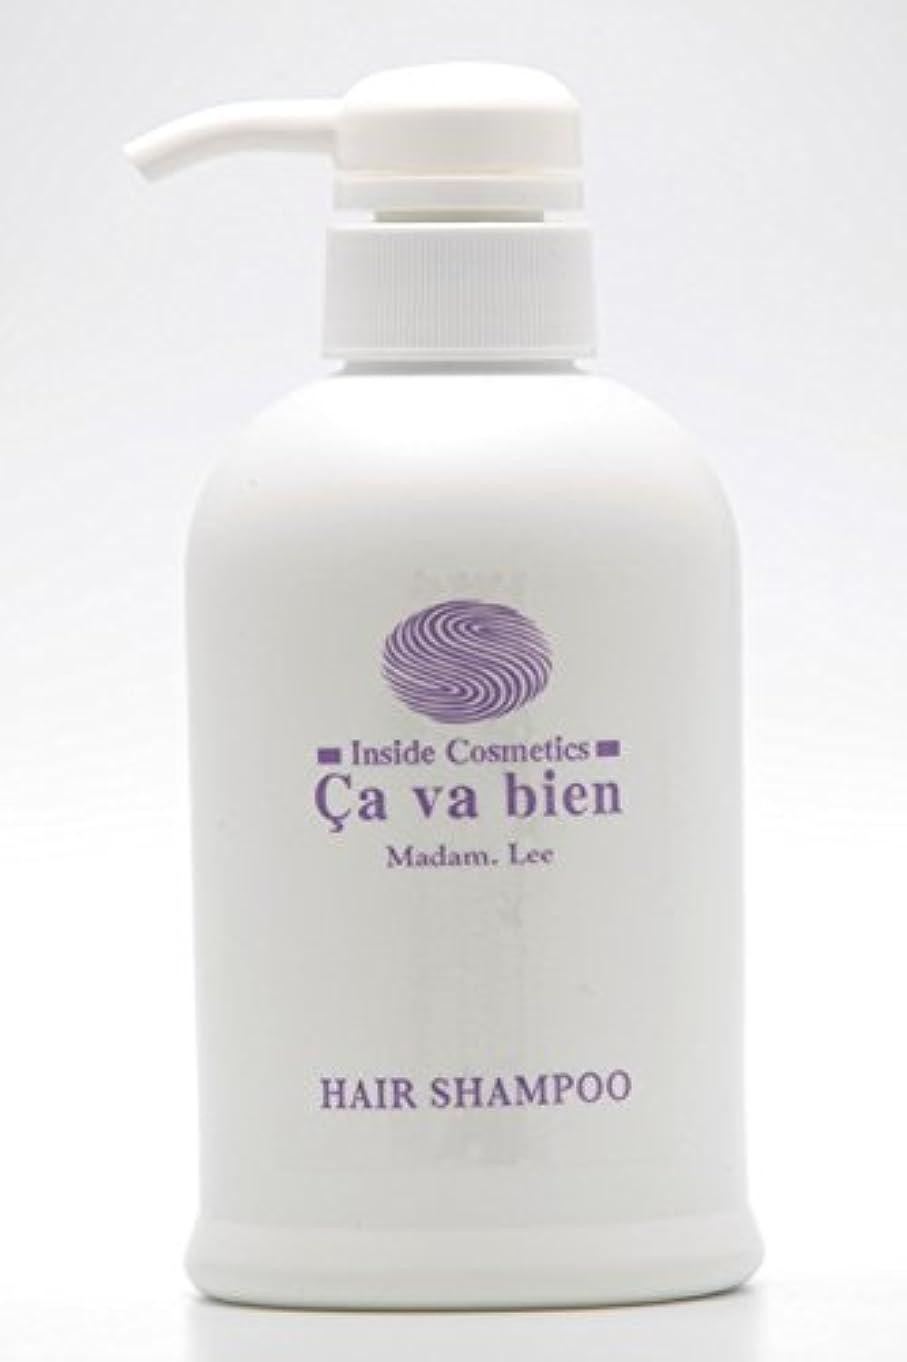 真空首文法アミノ酸シャンプー Hair Shampoo